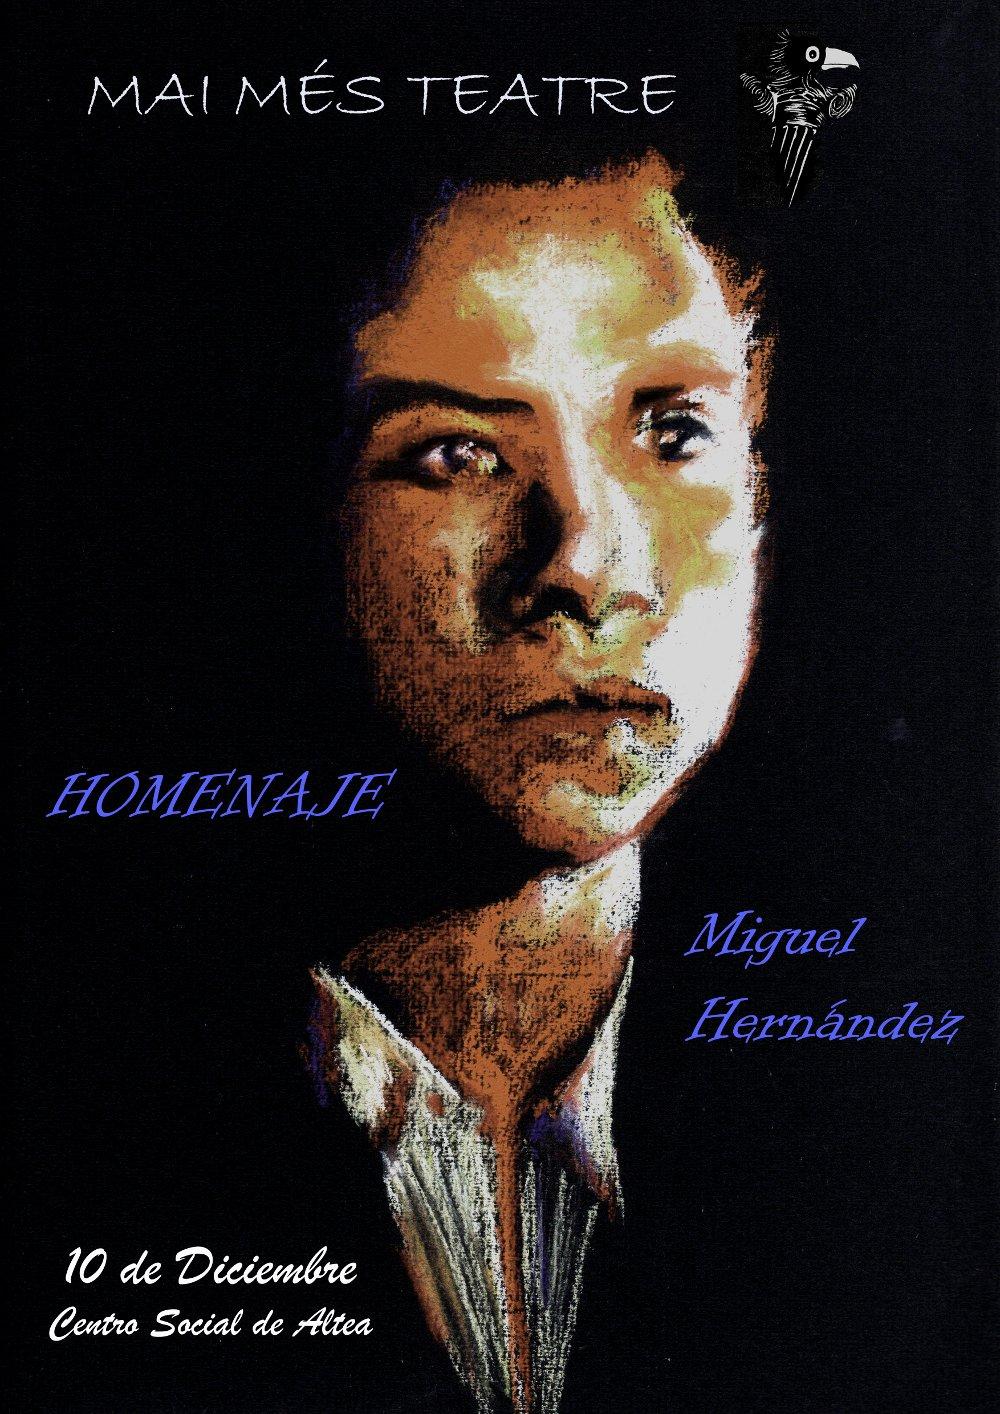 MIGUEL HERNÁNDEZ - Diciembre 2010